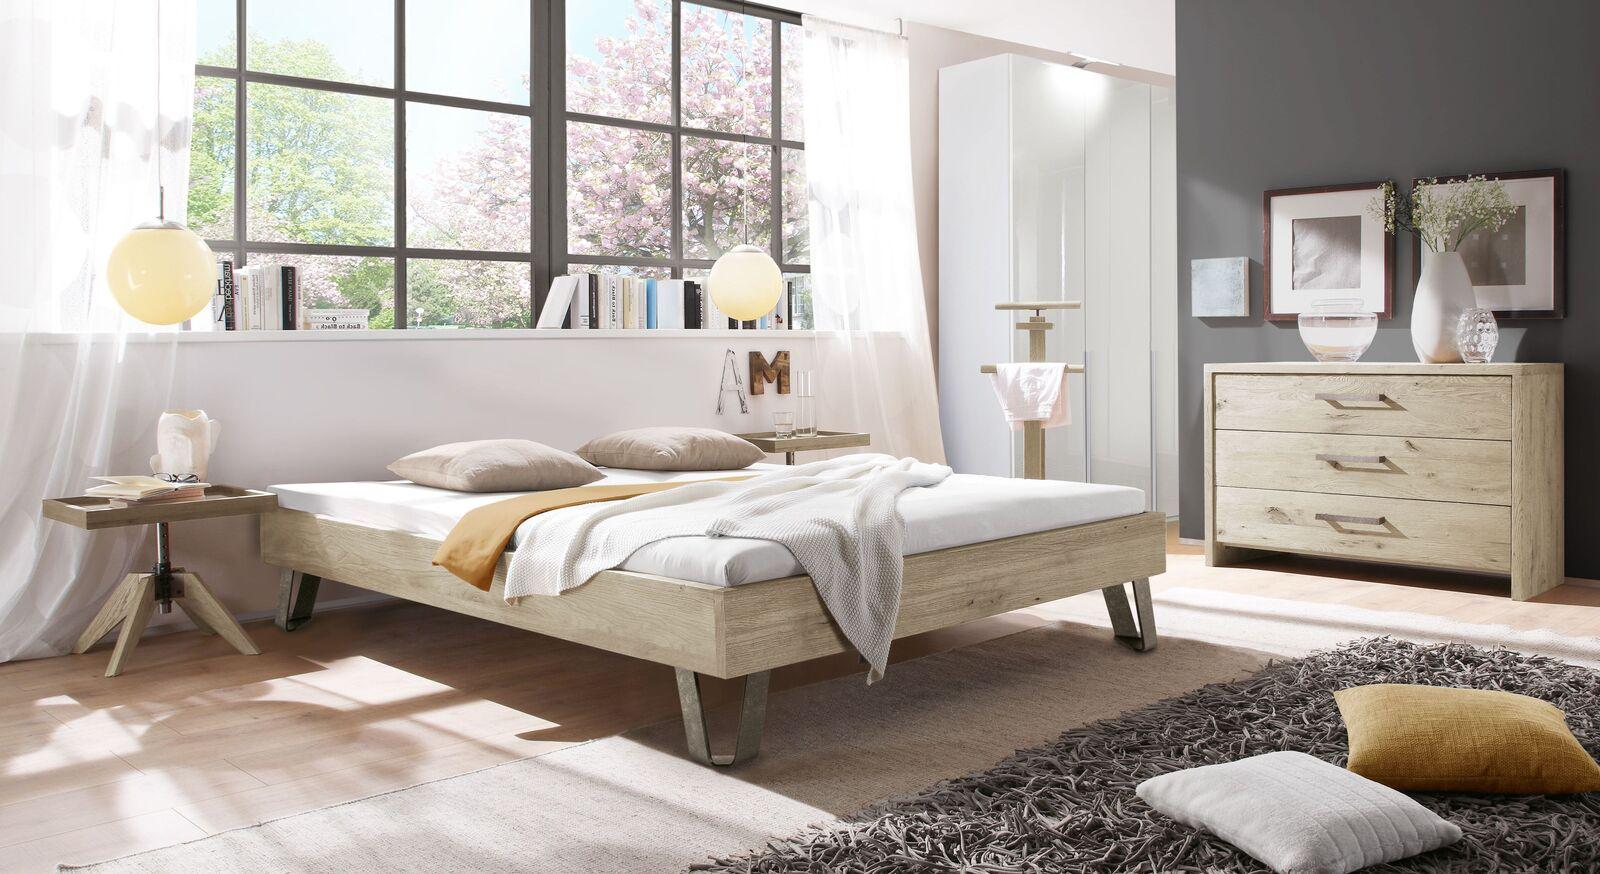 Liege Aveiros mit passenden Schlafzimmermöbeln